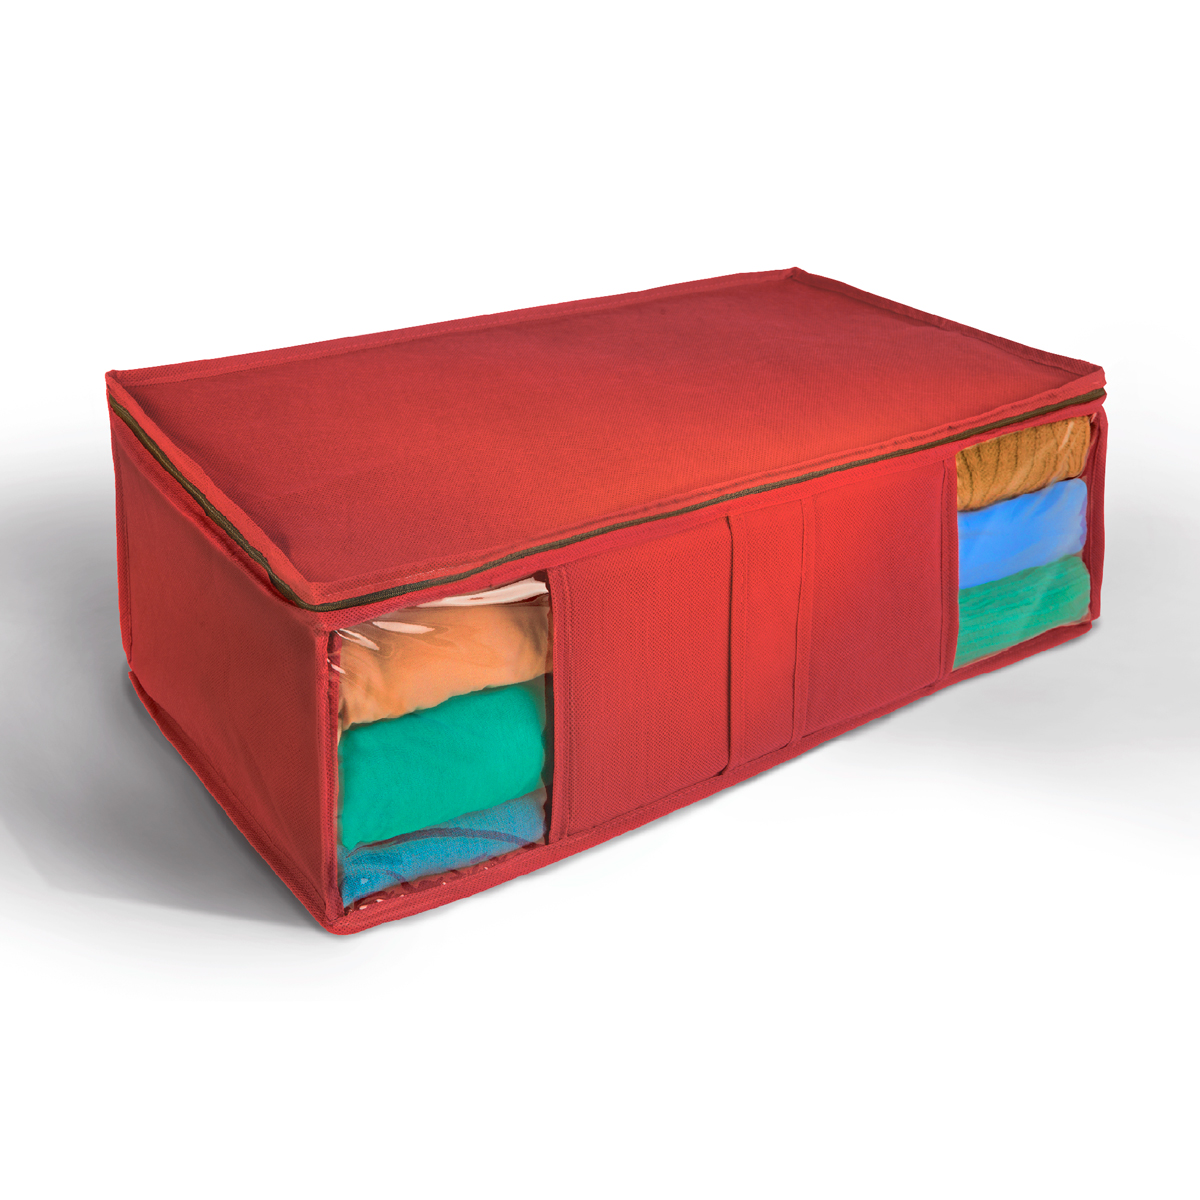 Кофр для хранения Miolla, складной, цвет: красный, 60 х 30 х 20 смCHL-10-3Компактный складной кофр Miolla изготовлен из высококачественногонетканого материала, которыйобеспечивает естественную вентиляцию, позволяя воздуху проникать внутрь,но не пропускает пыль. Изделие закрывается на молнию. Размер кофра (в собранном виде): 60 x 30 x 20 см.